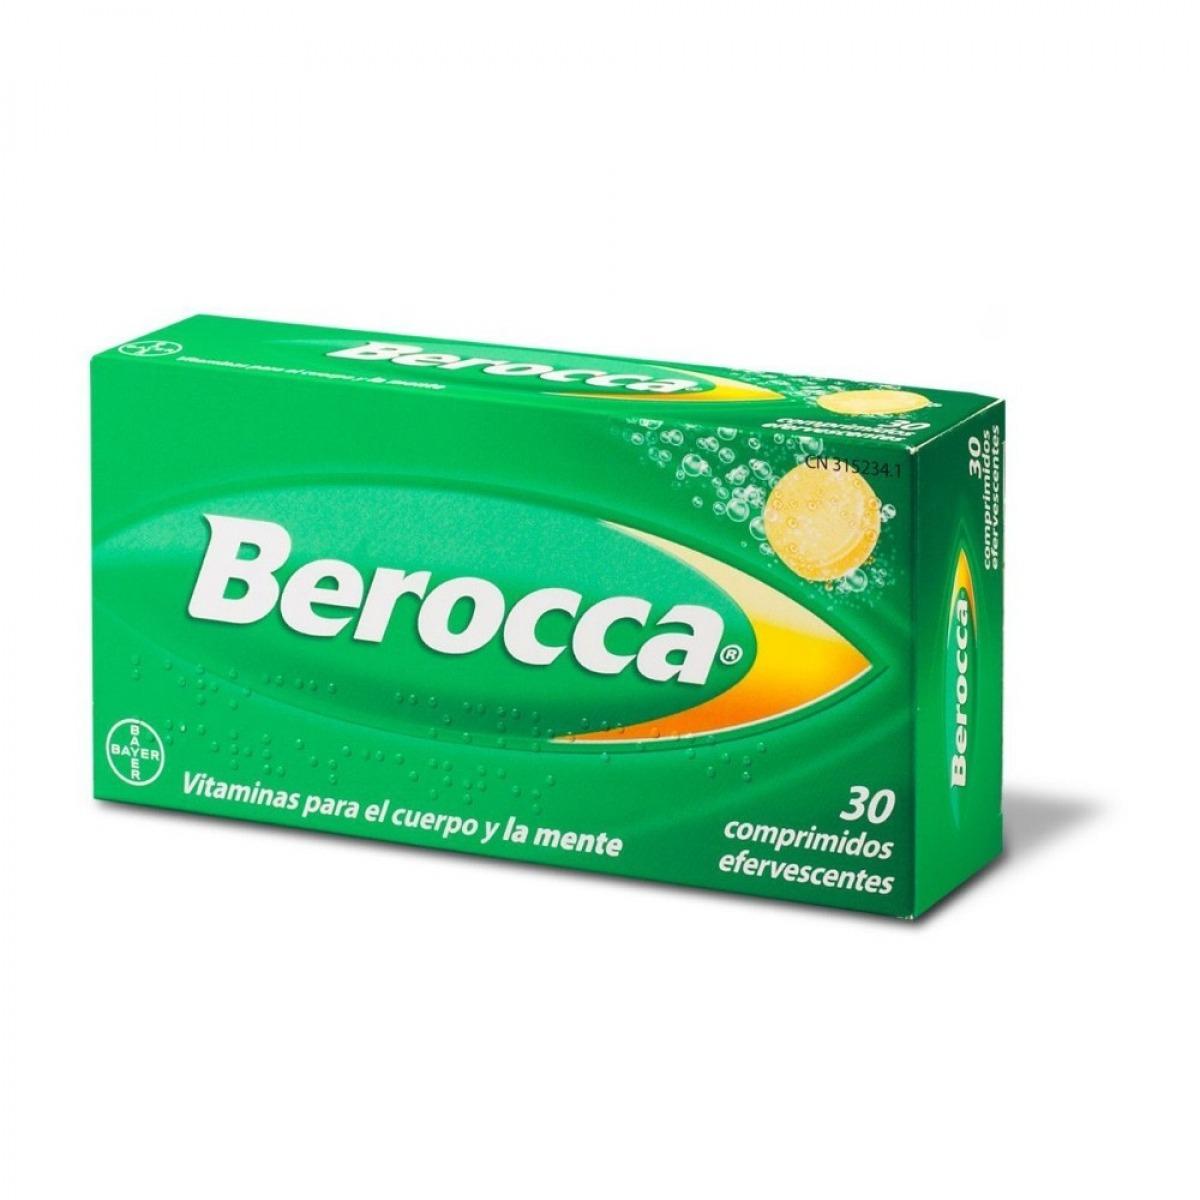 BEROCCA30COMPRIMIDOS I1